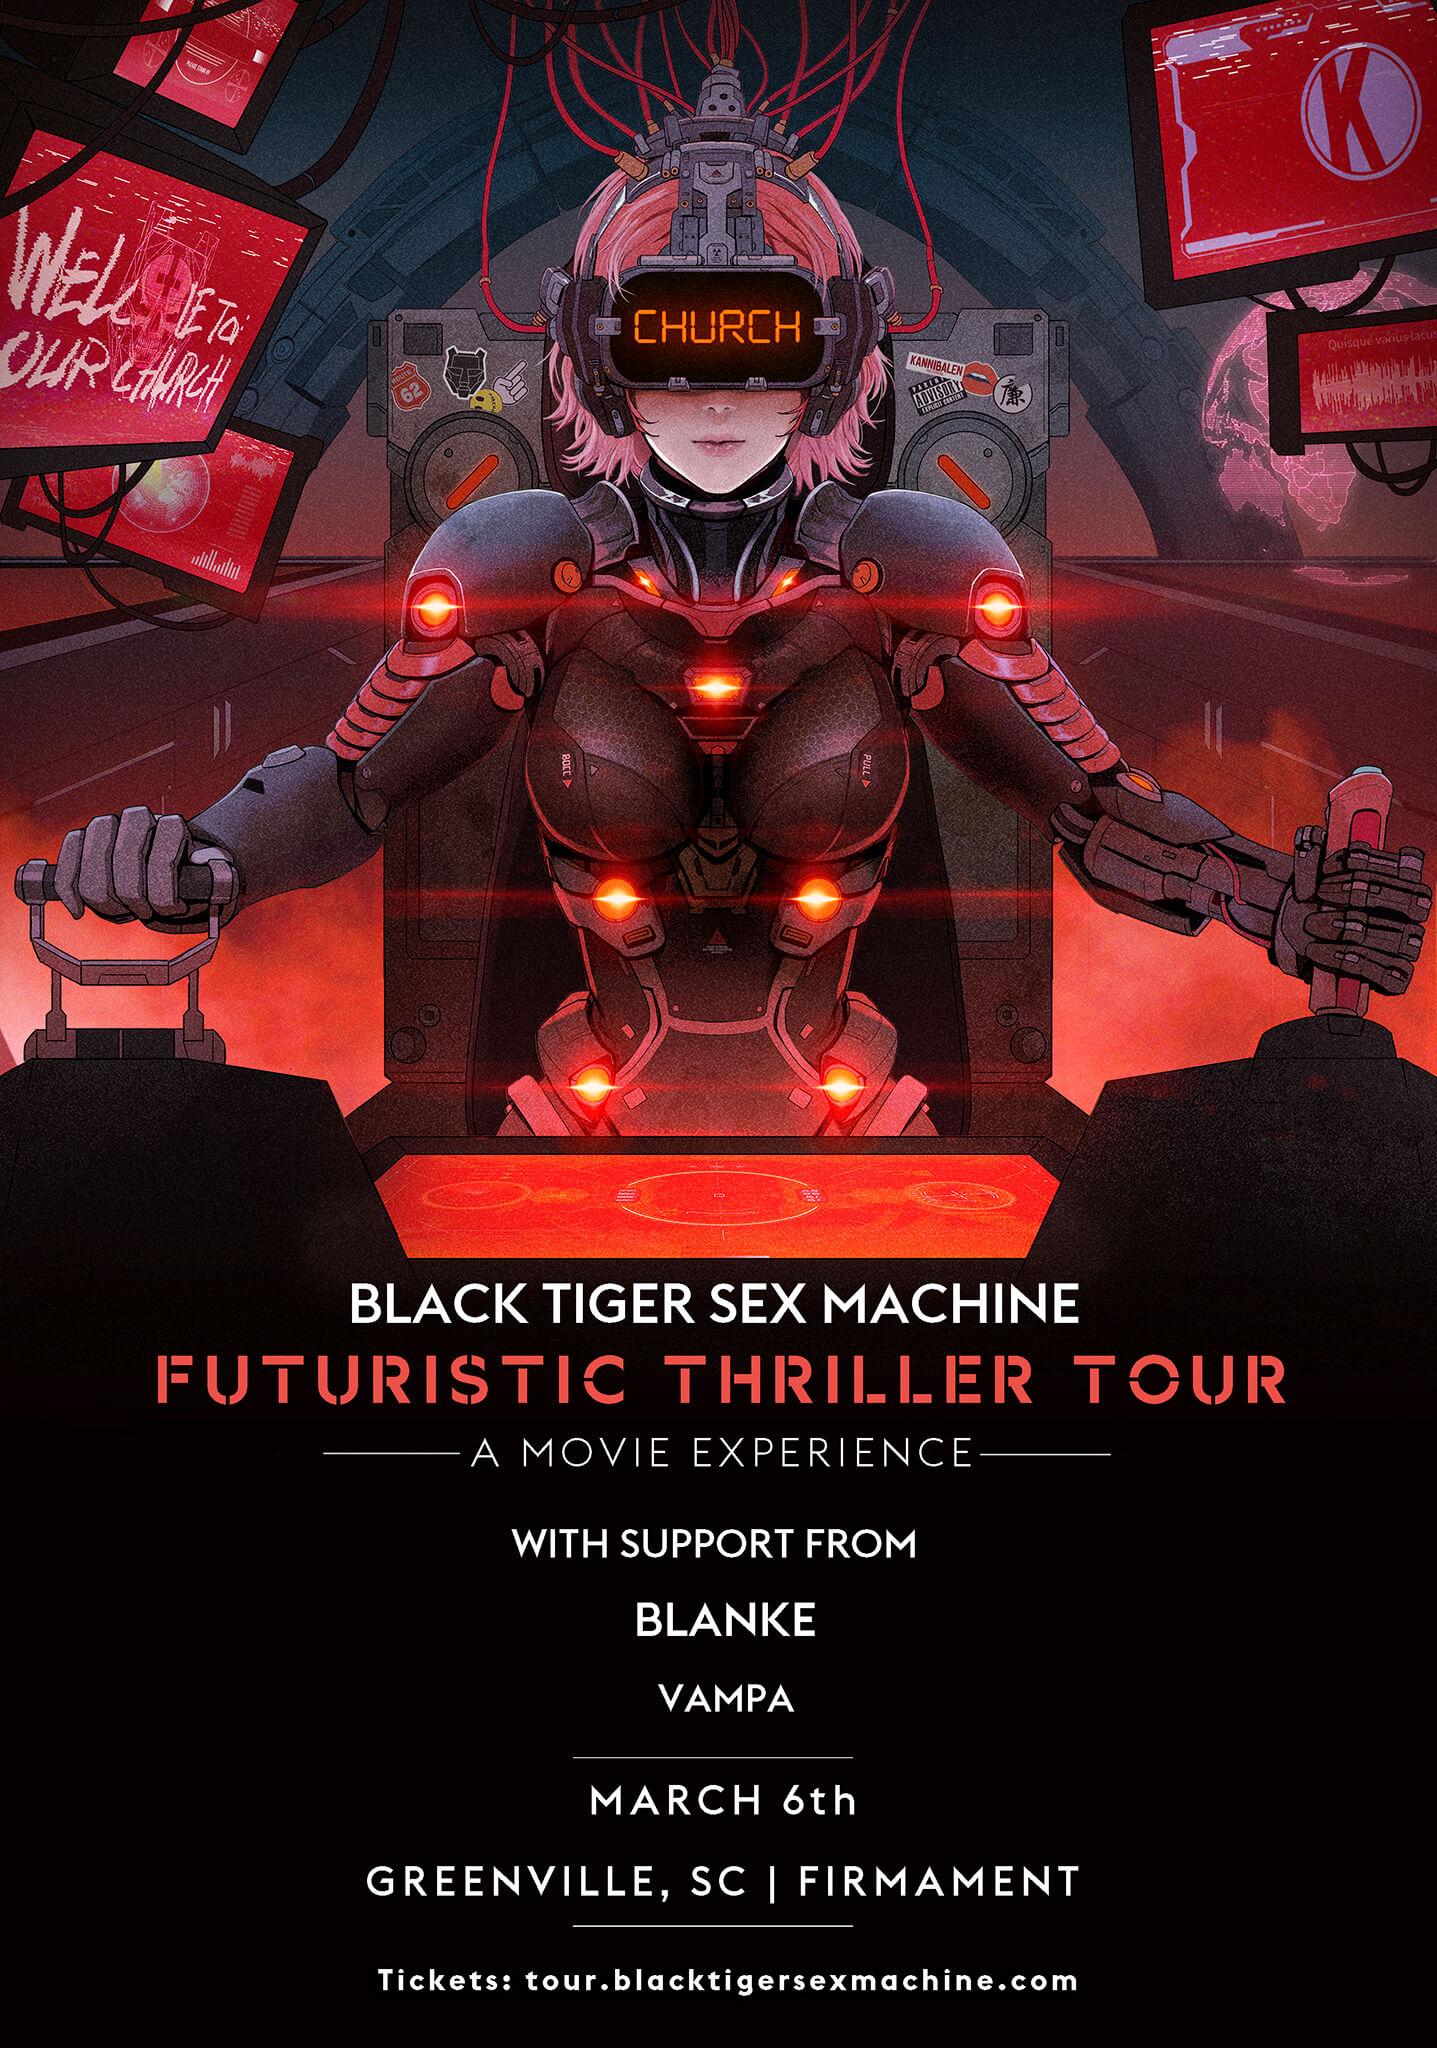 Black Tiger Sex Machine, Blanke, Vampa  in Greenville